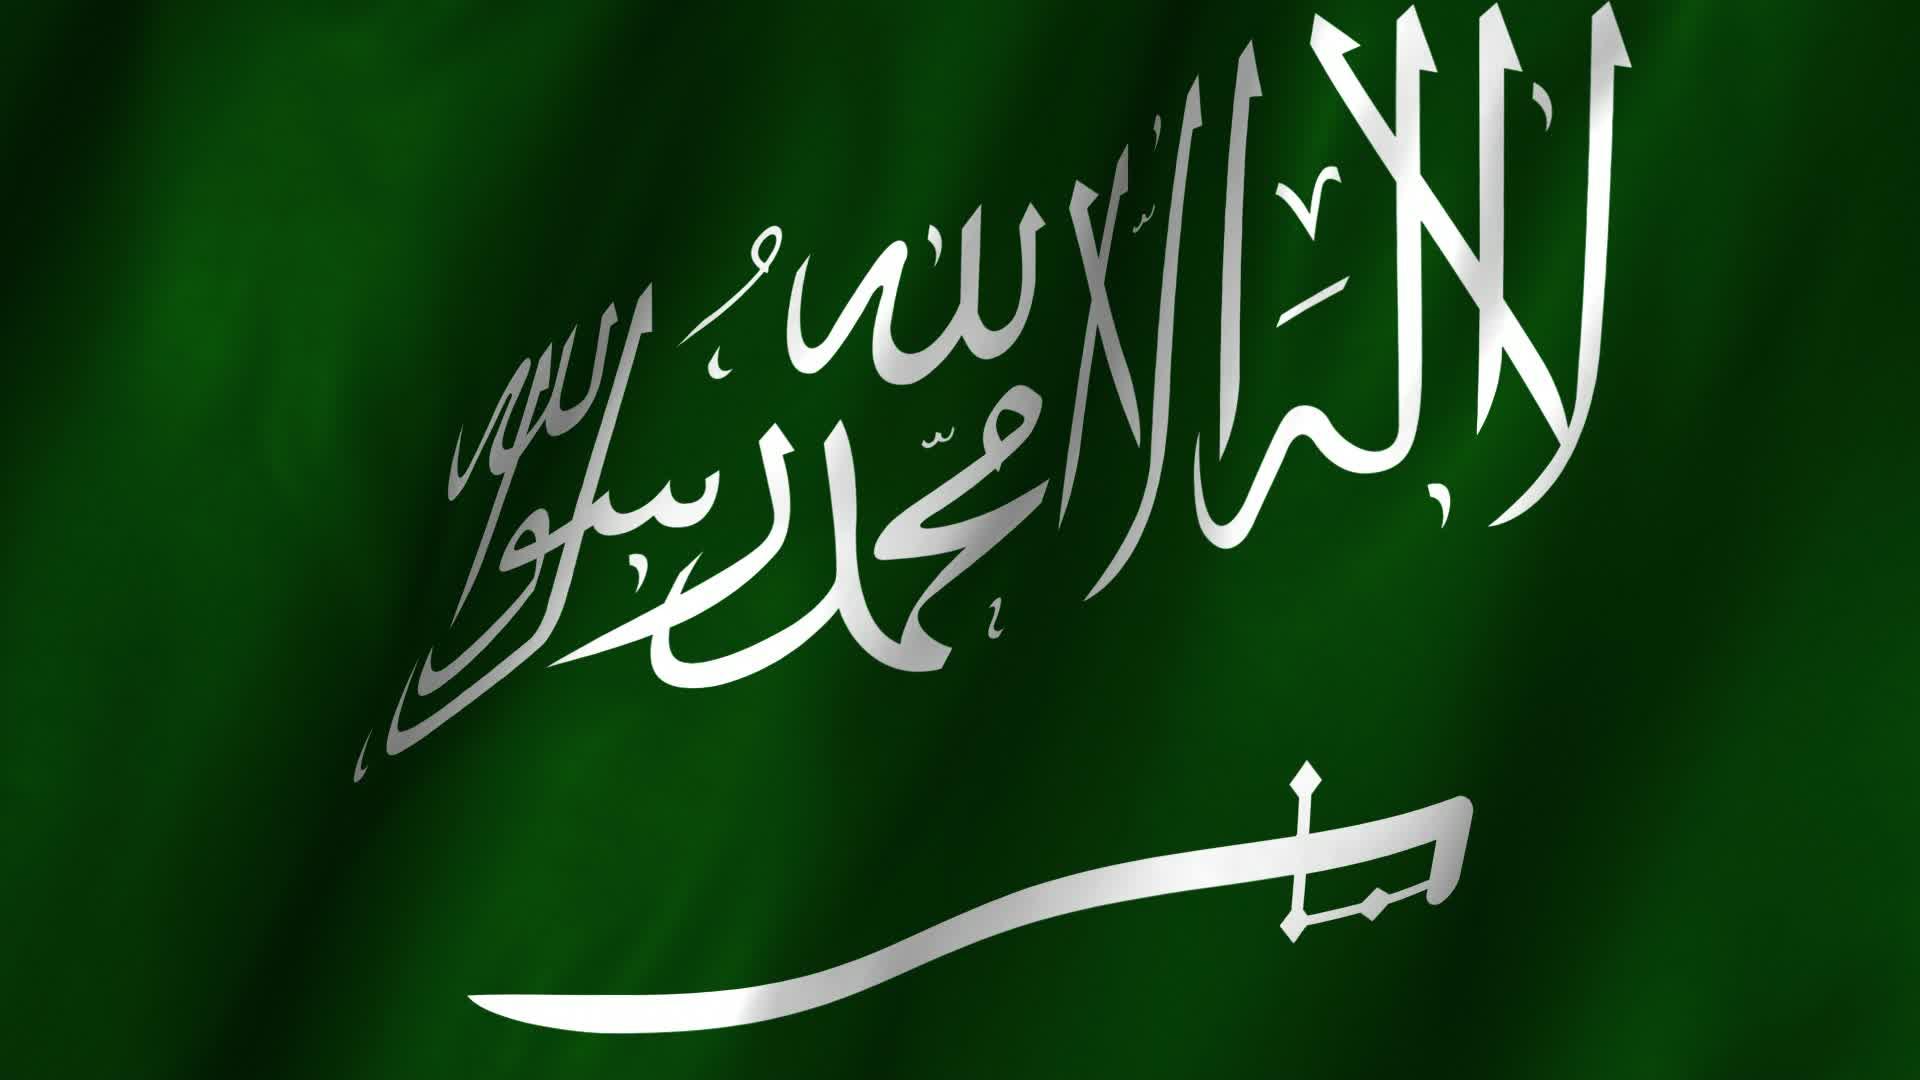 صورة صور لليوم الوطني , رمزيات شعار اليوم الوطني السعودي